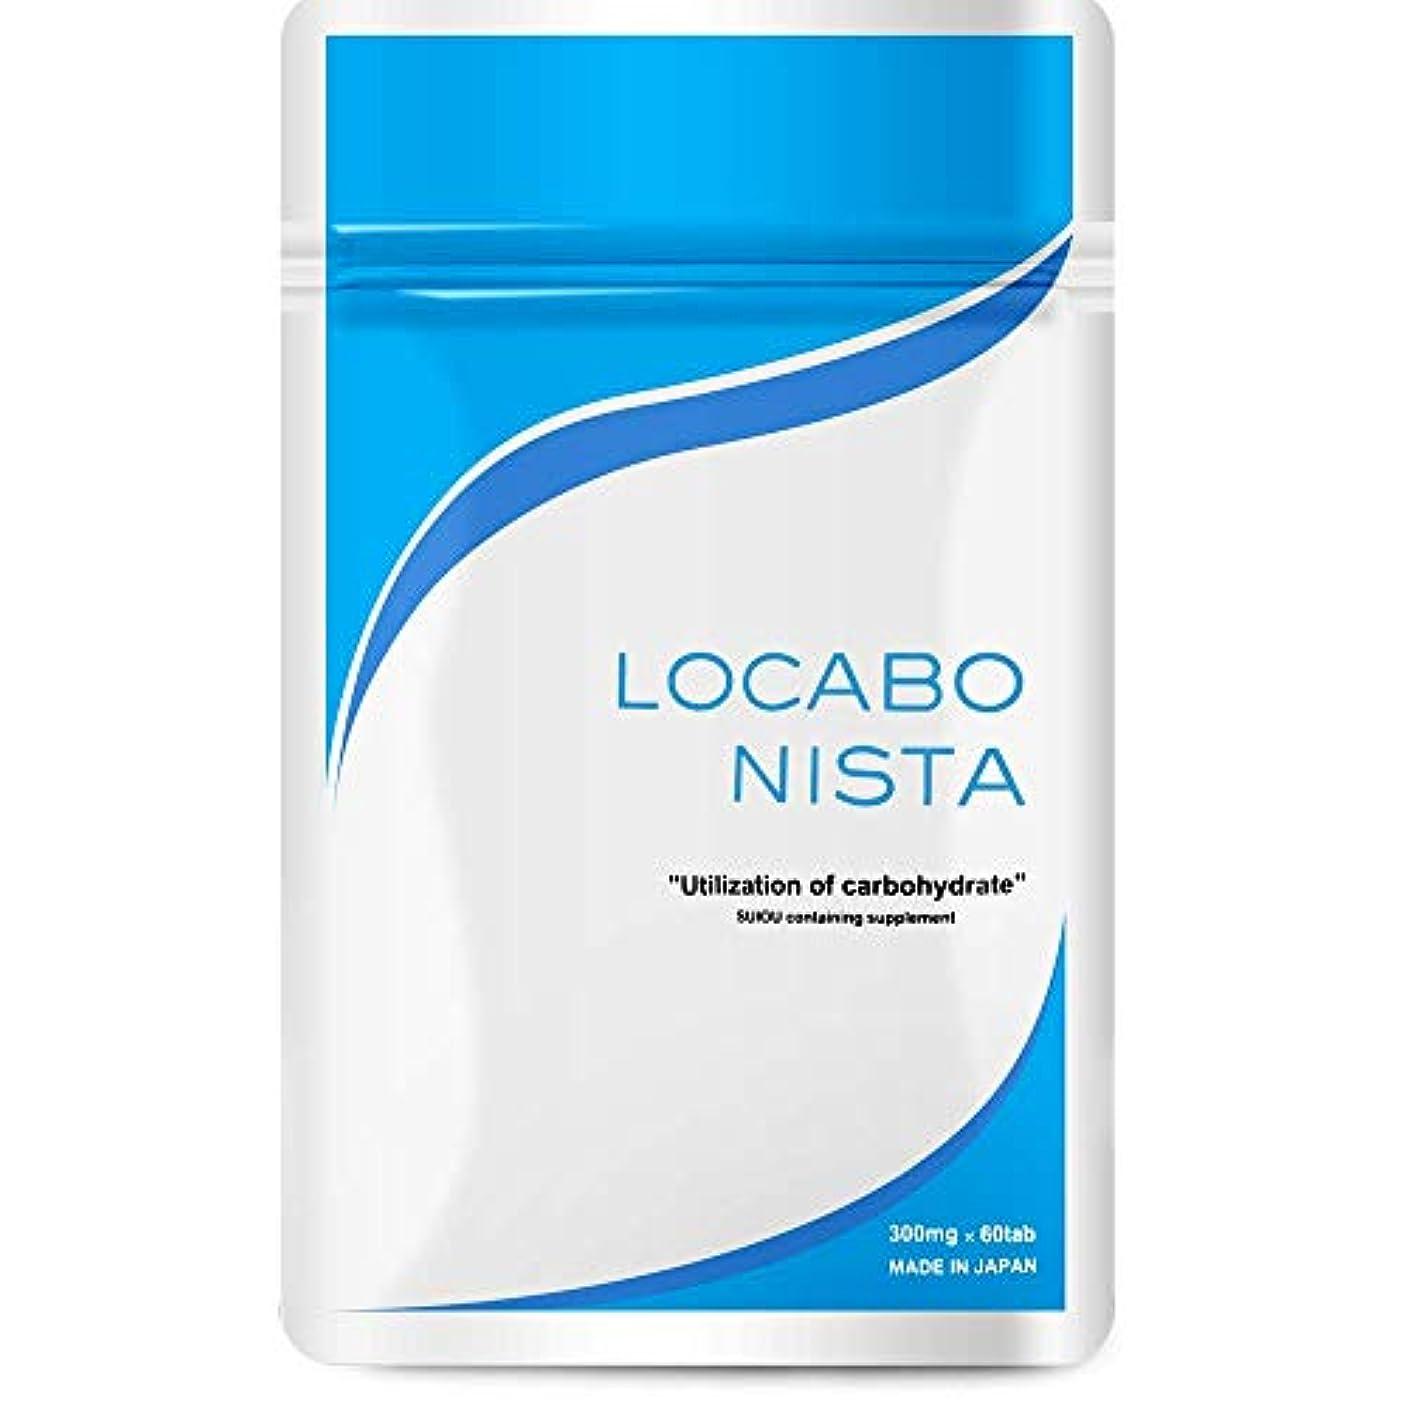 アノイこれら迷惑ダイエット サプリ 燃焼系 糖質活用 LOCABO NISTA ロカボ ニスタ [ GLP-1 すいおう α-リポ酸 カテキン クロロゲン酸 サプリメント 糖質 コントロール 短期 スリム]